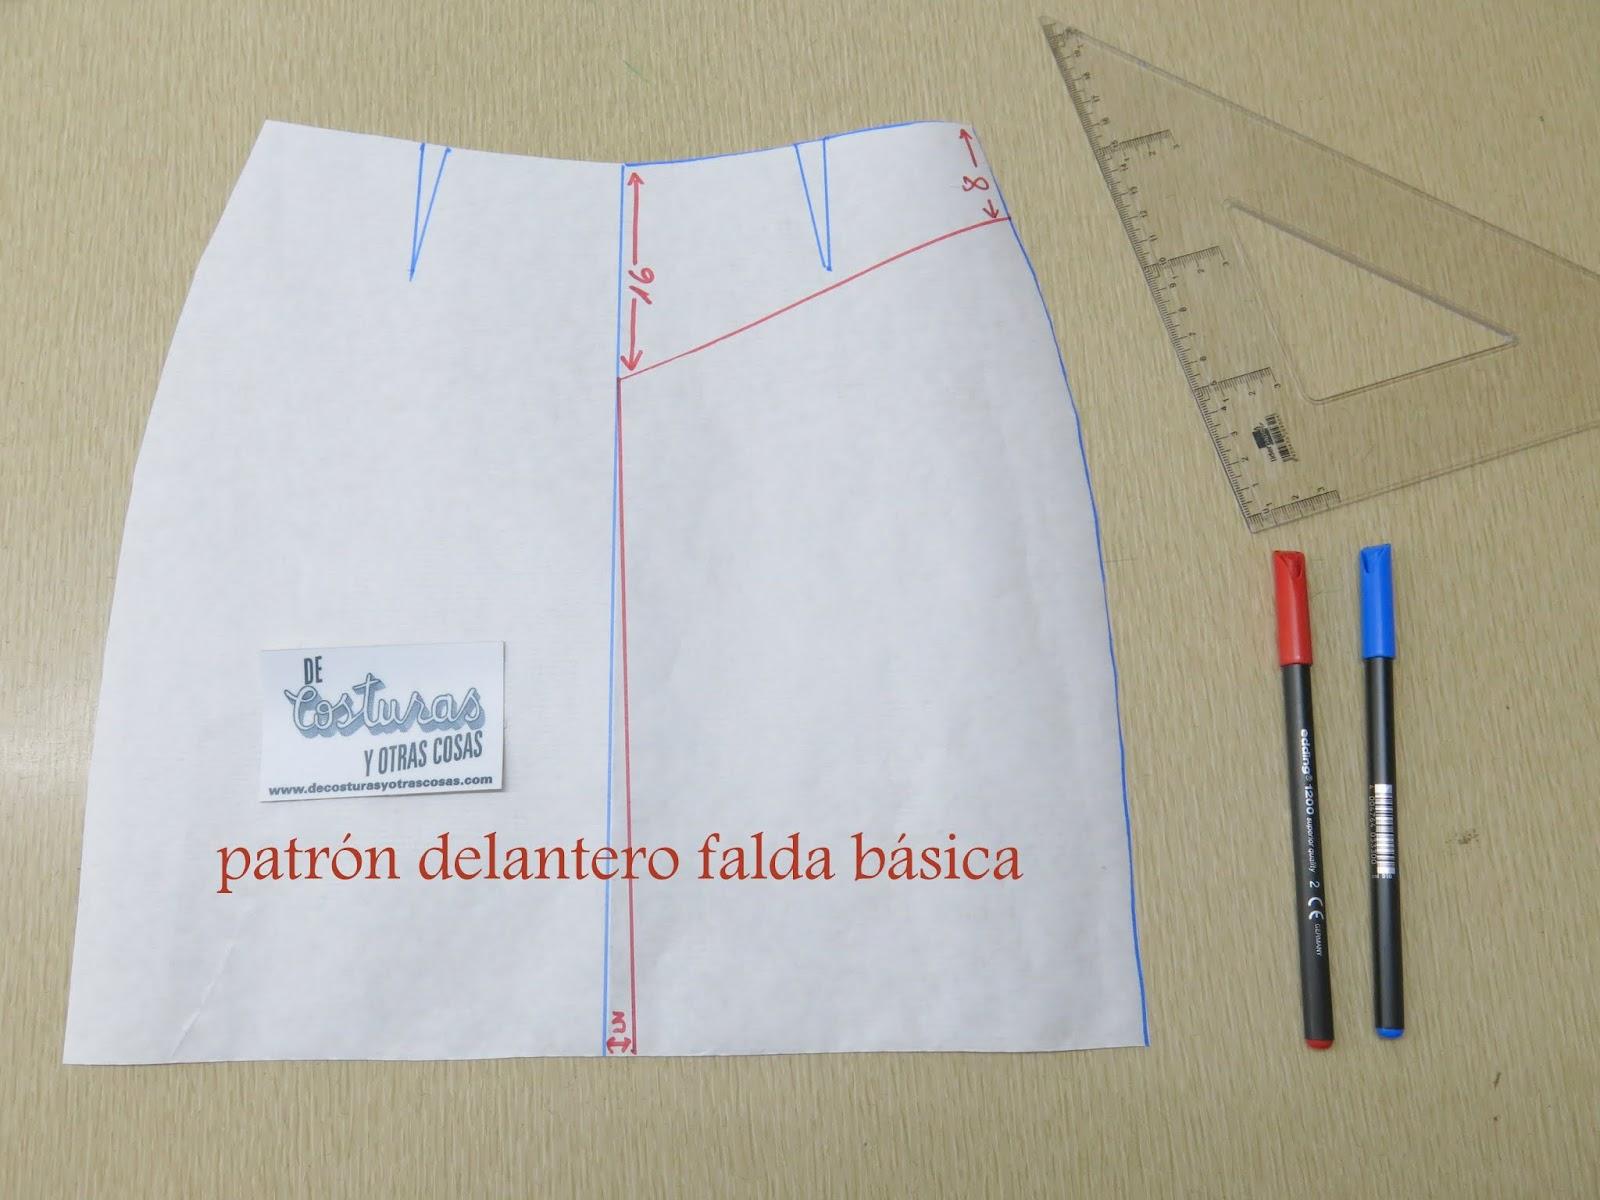 993d1d673 De costuras y otras cosas: FALDA ASIMÉTRICA